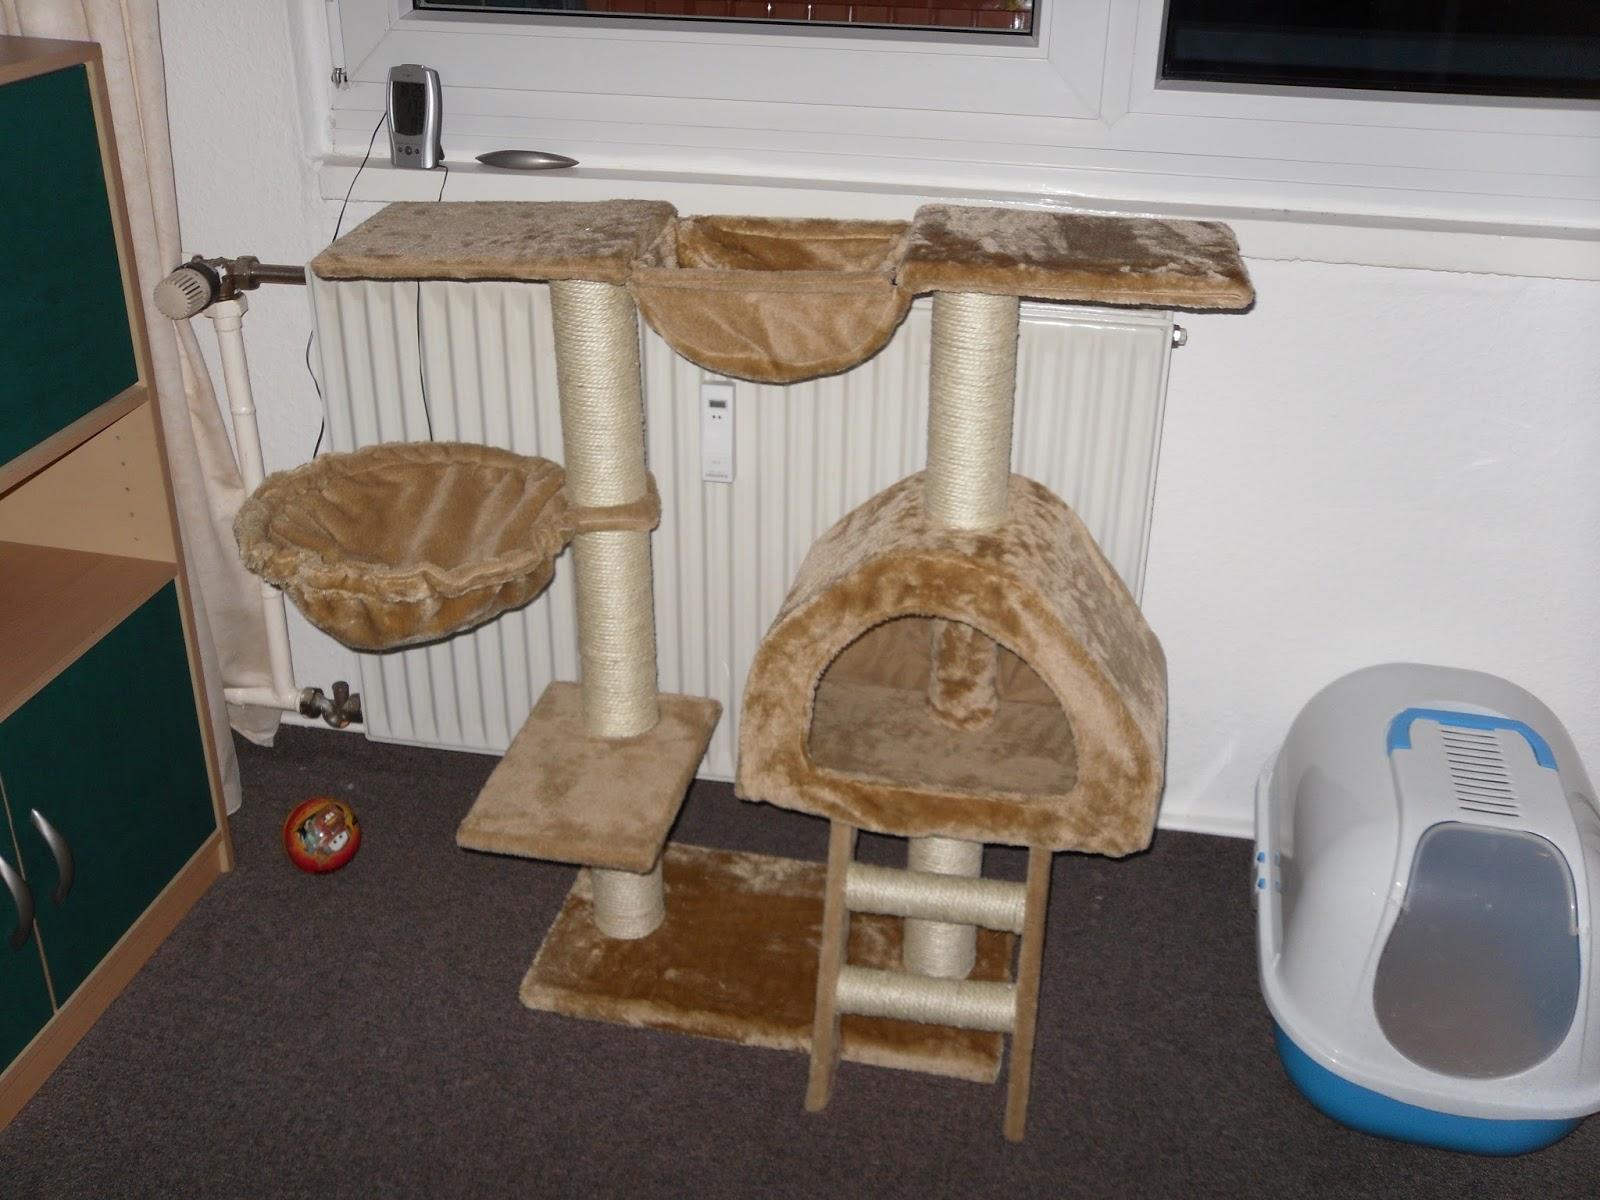 taramaus erz hlt ber handarbeit und tiere wir stellen gewerkeltes vor. Black Bedroom Furniture Sets. Home Design Ideas